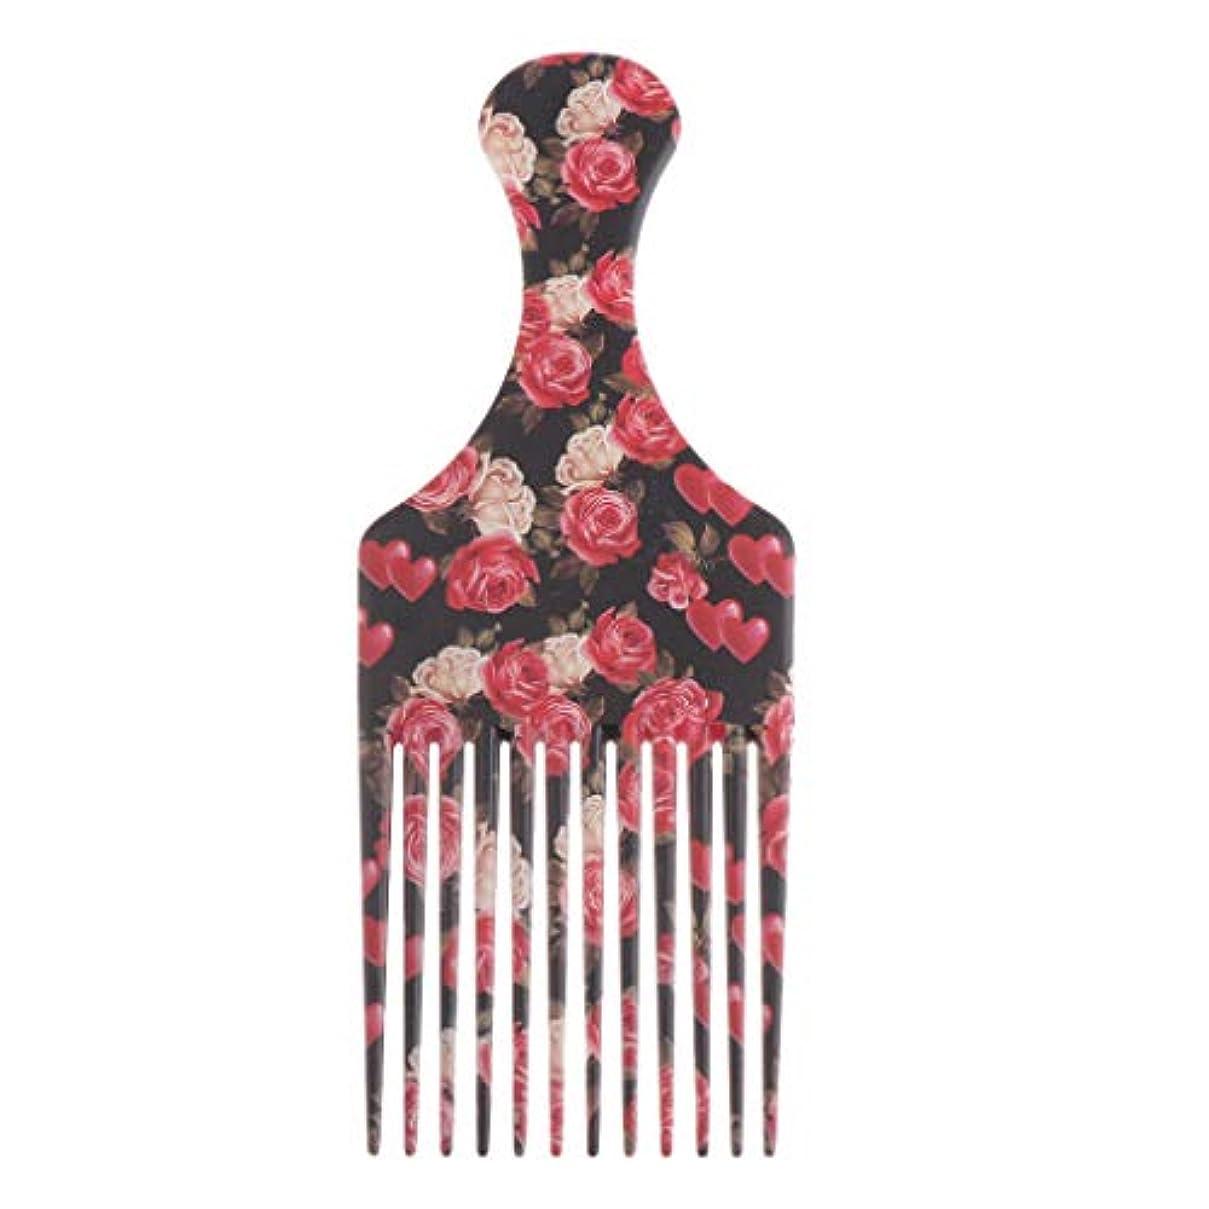 間違えたフォーマルのホストヘアダイブラシ 毛染めコーム 髪染め用ヘアコーム サロン 美髪師用 DIY髪染め用 全3サイズ - 大